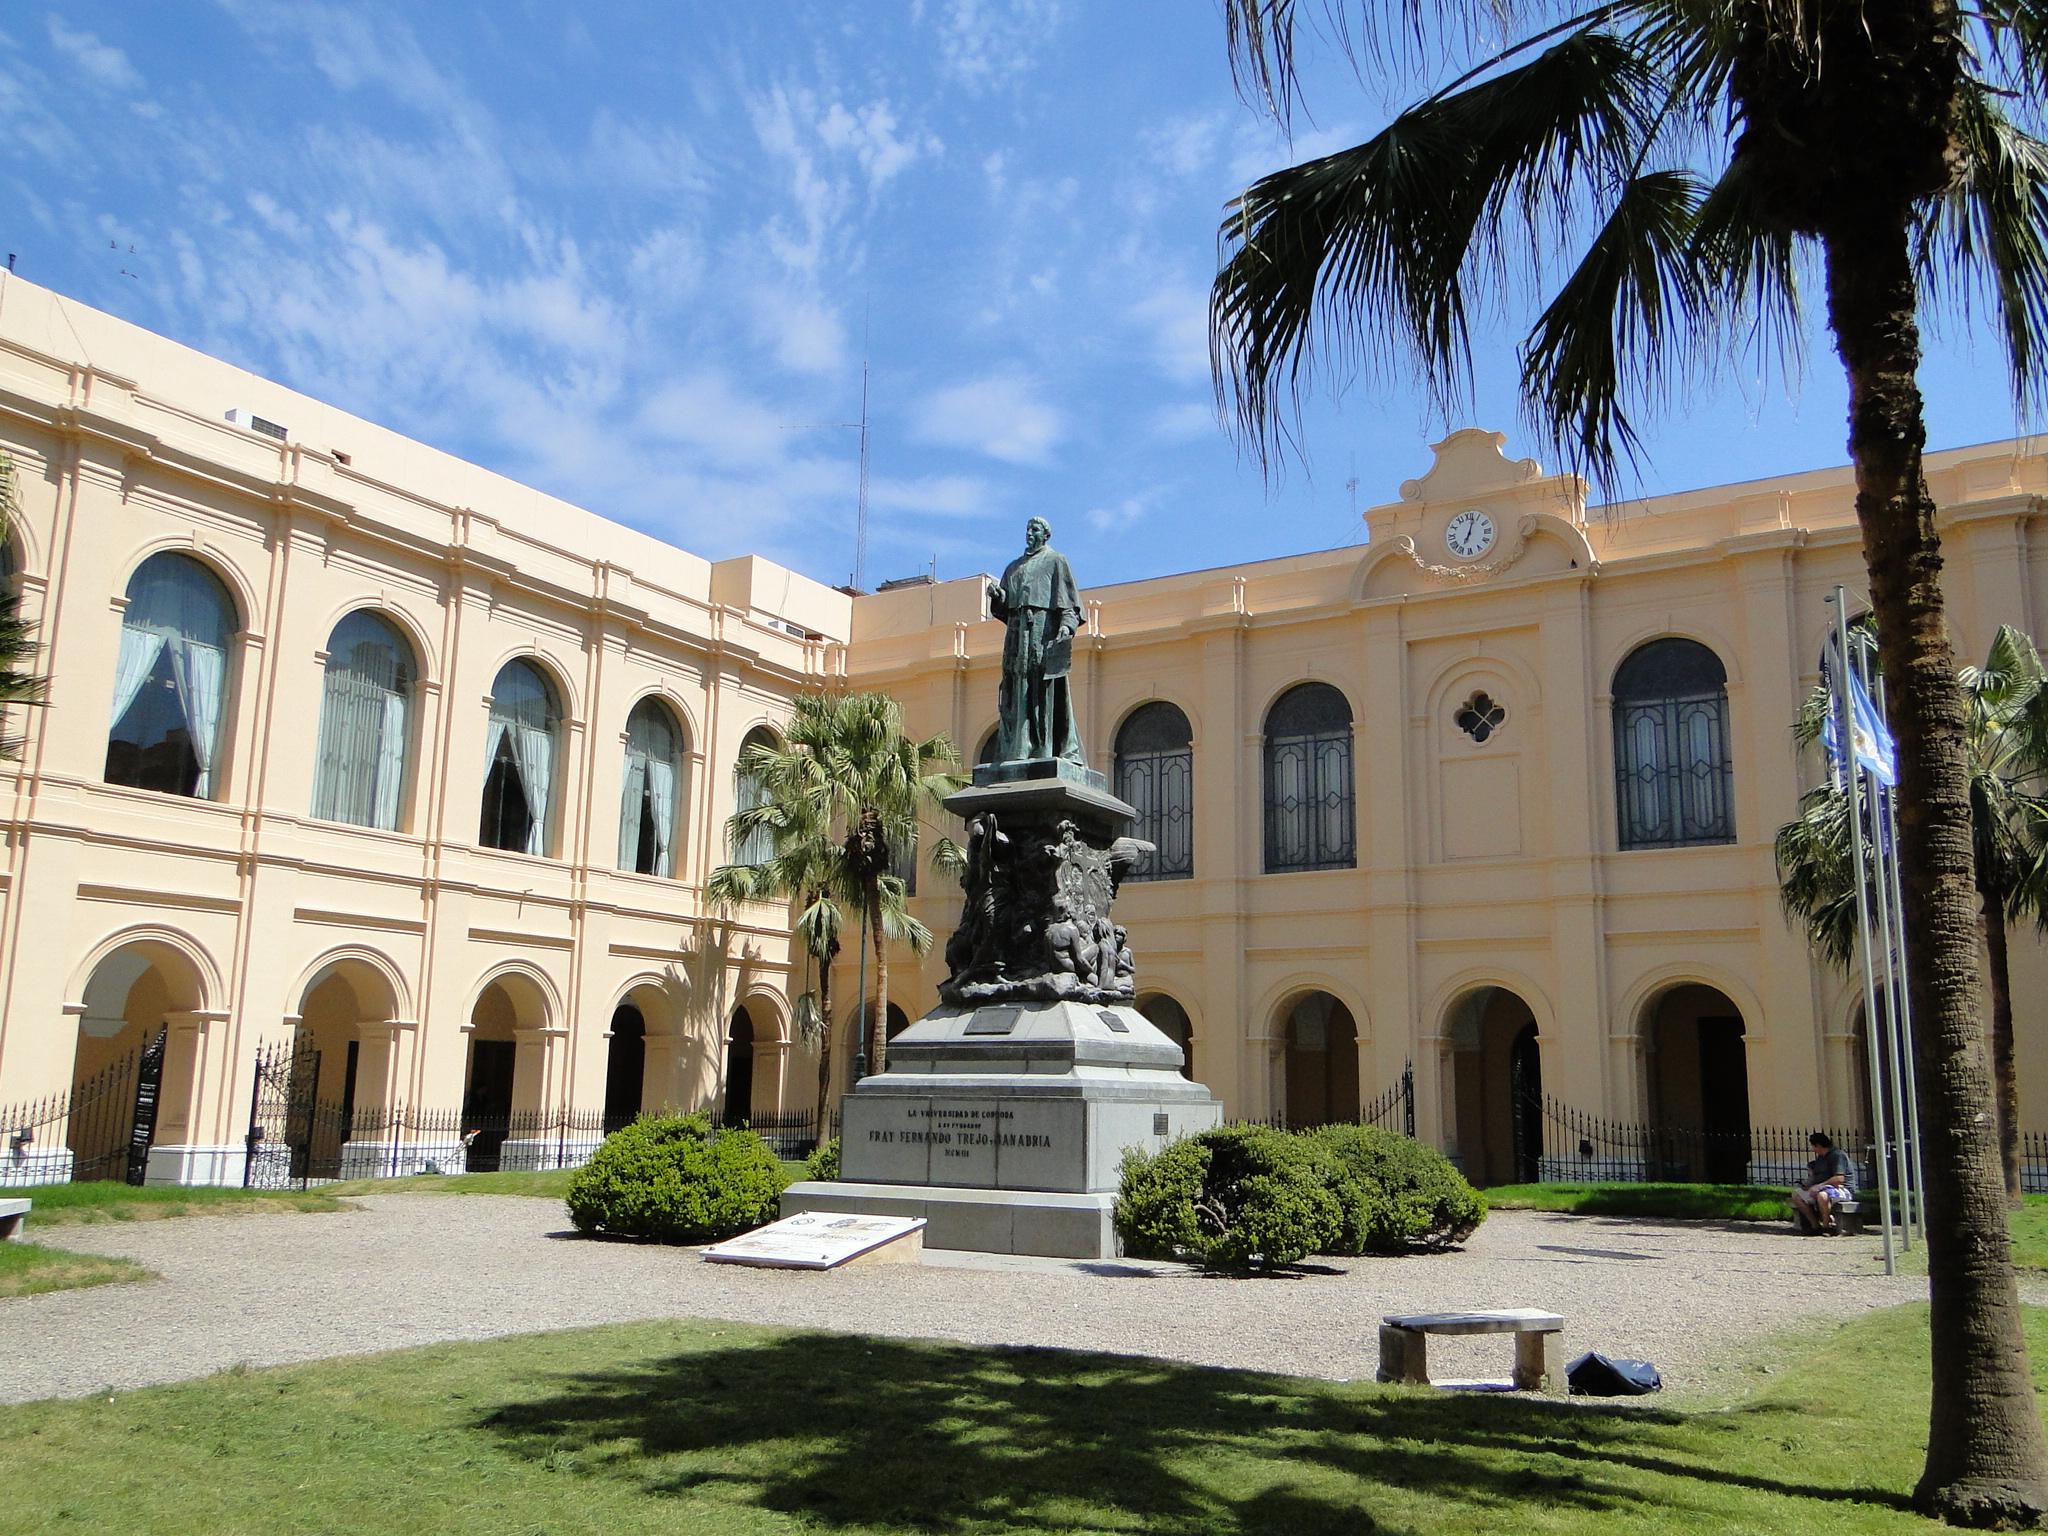 Archivo:Patio Rectorado de la Universidad Nacional de Córdoba.JPG ...